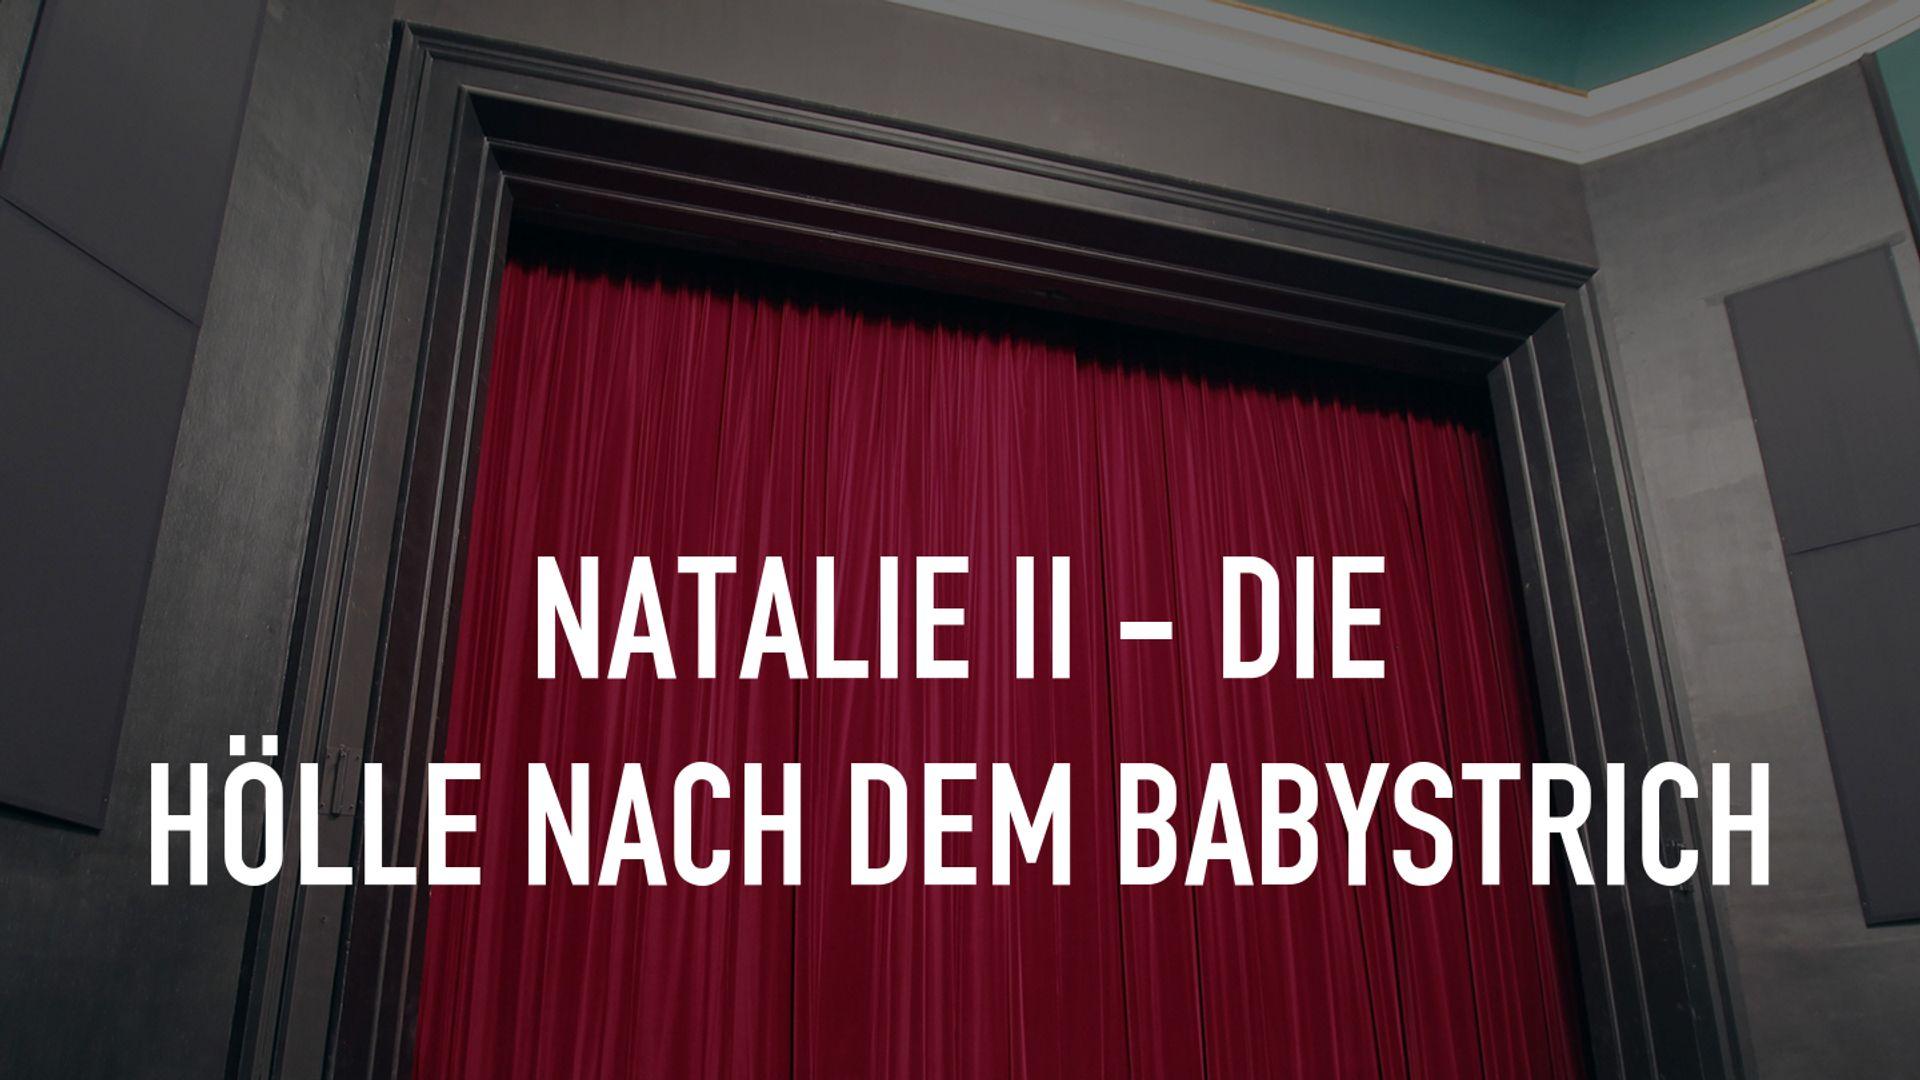 Frankfurt main babystrich am Wikizero